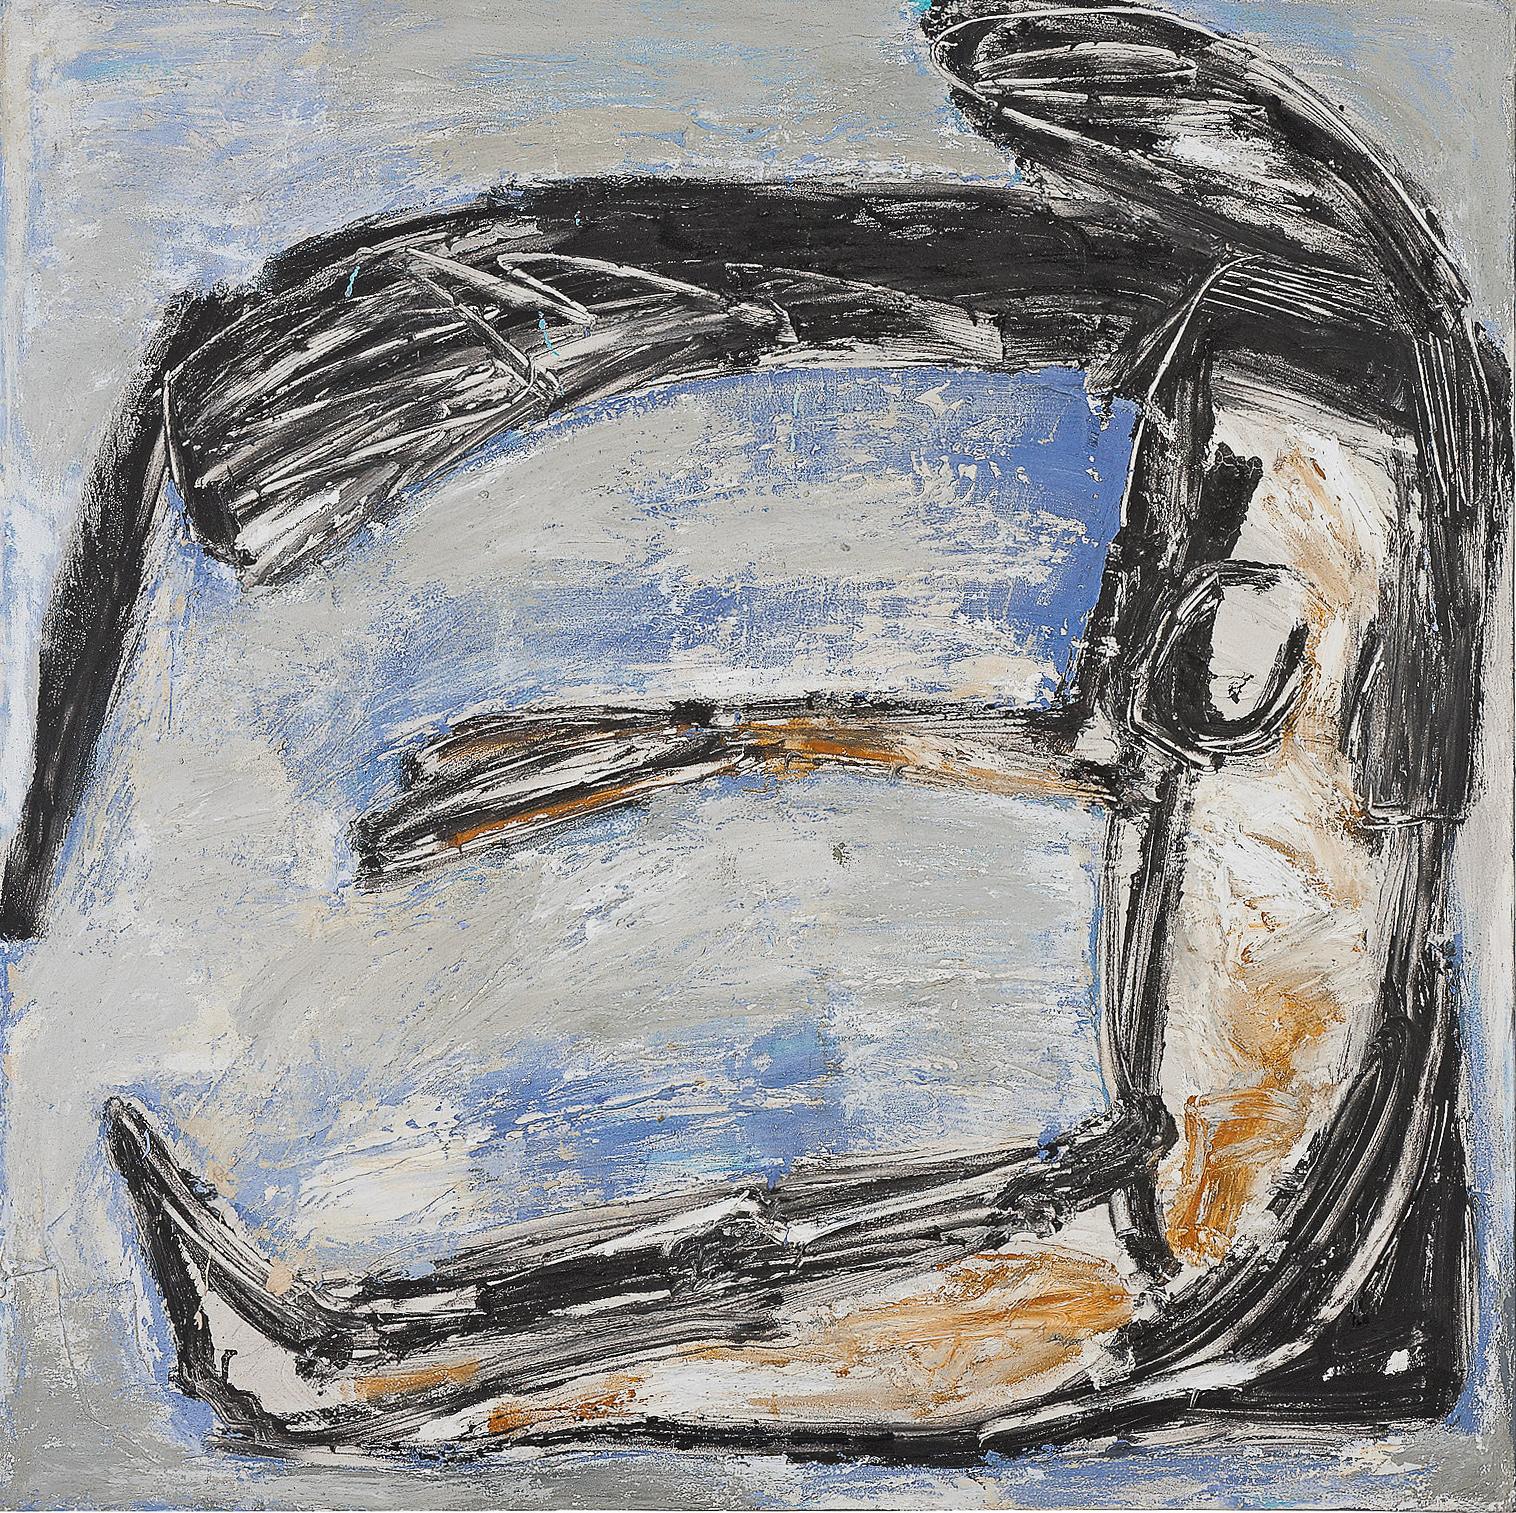 O.T., 2005, Mischtechnik auf Leinwand, 120 x 120 cm